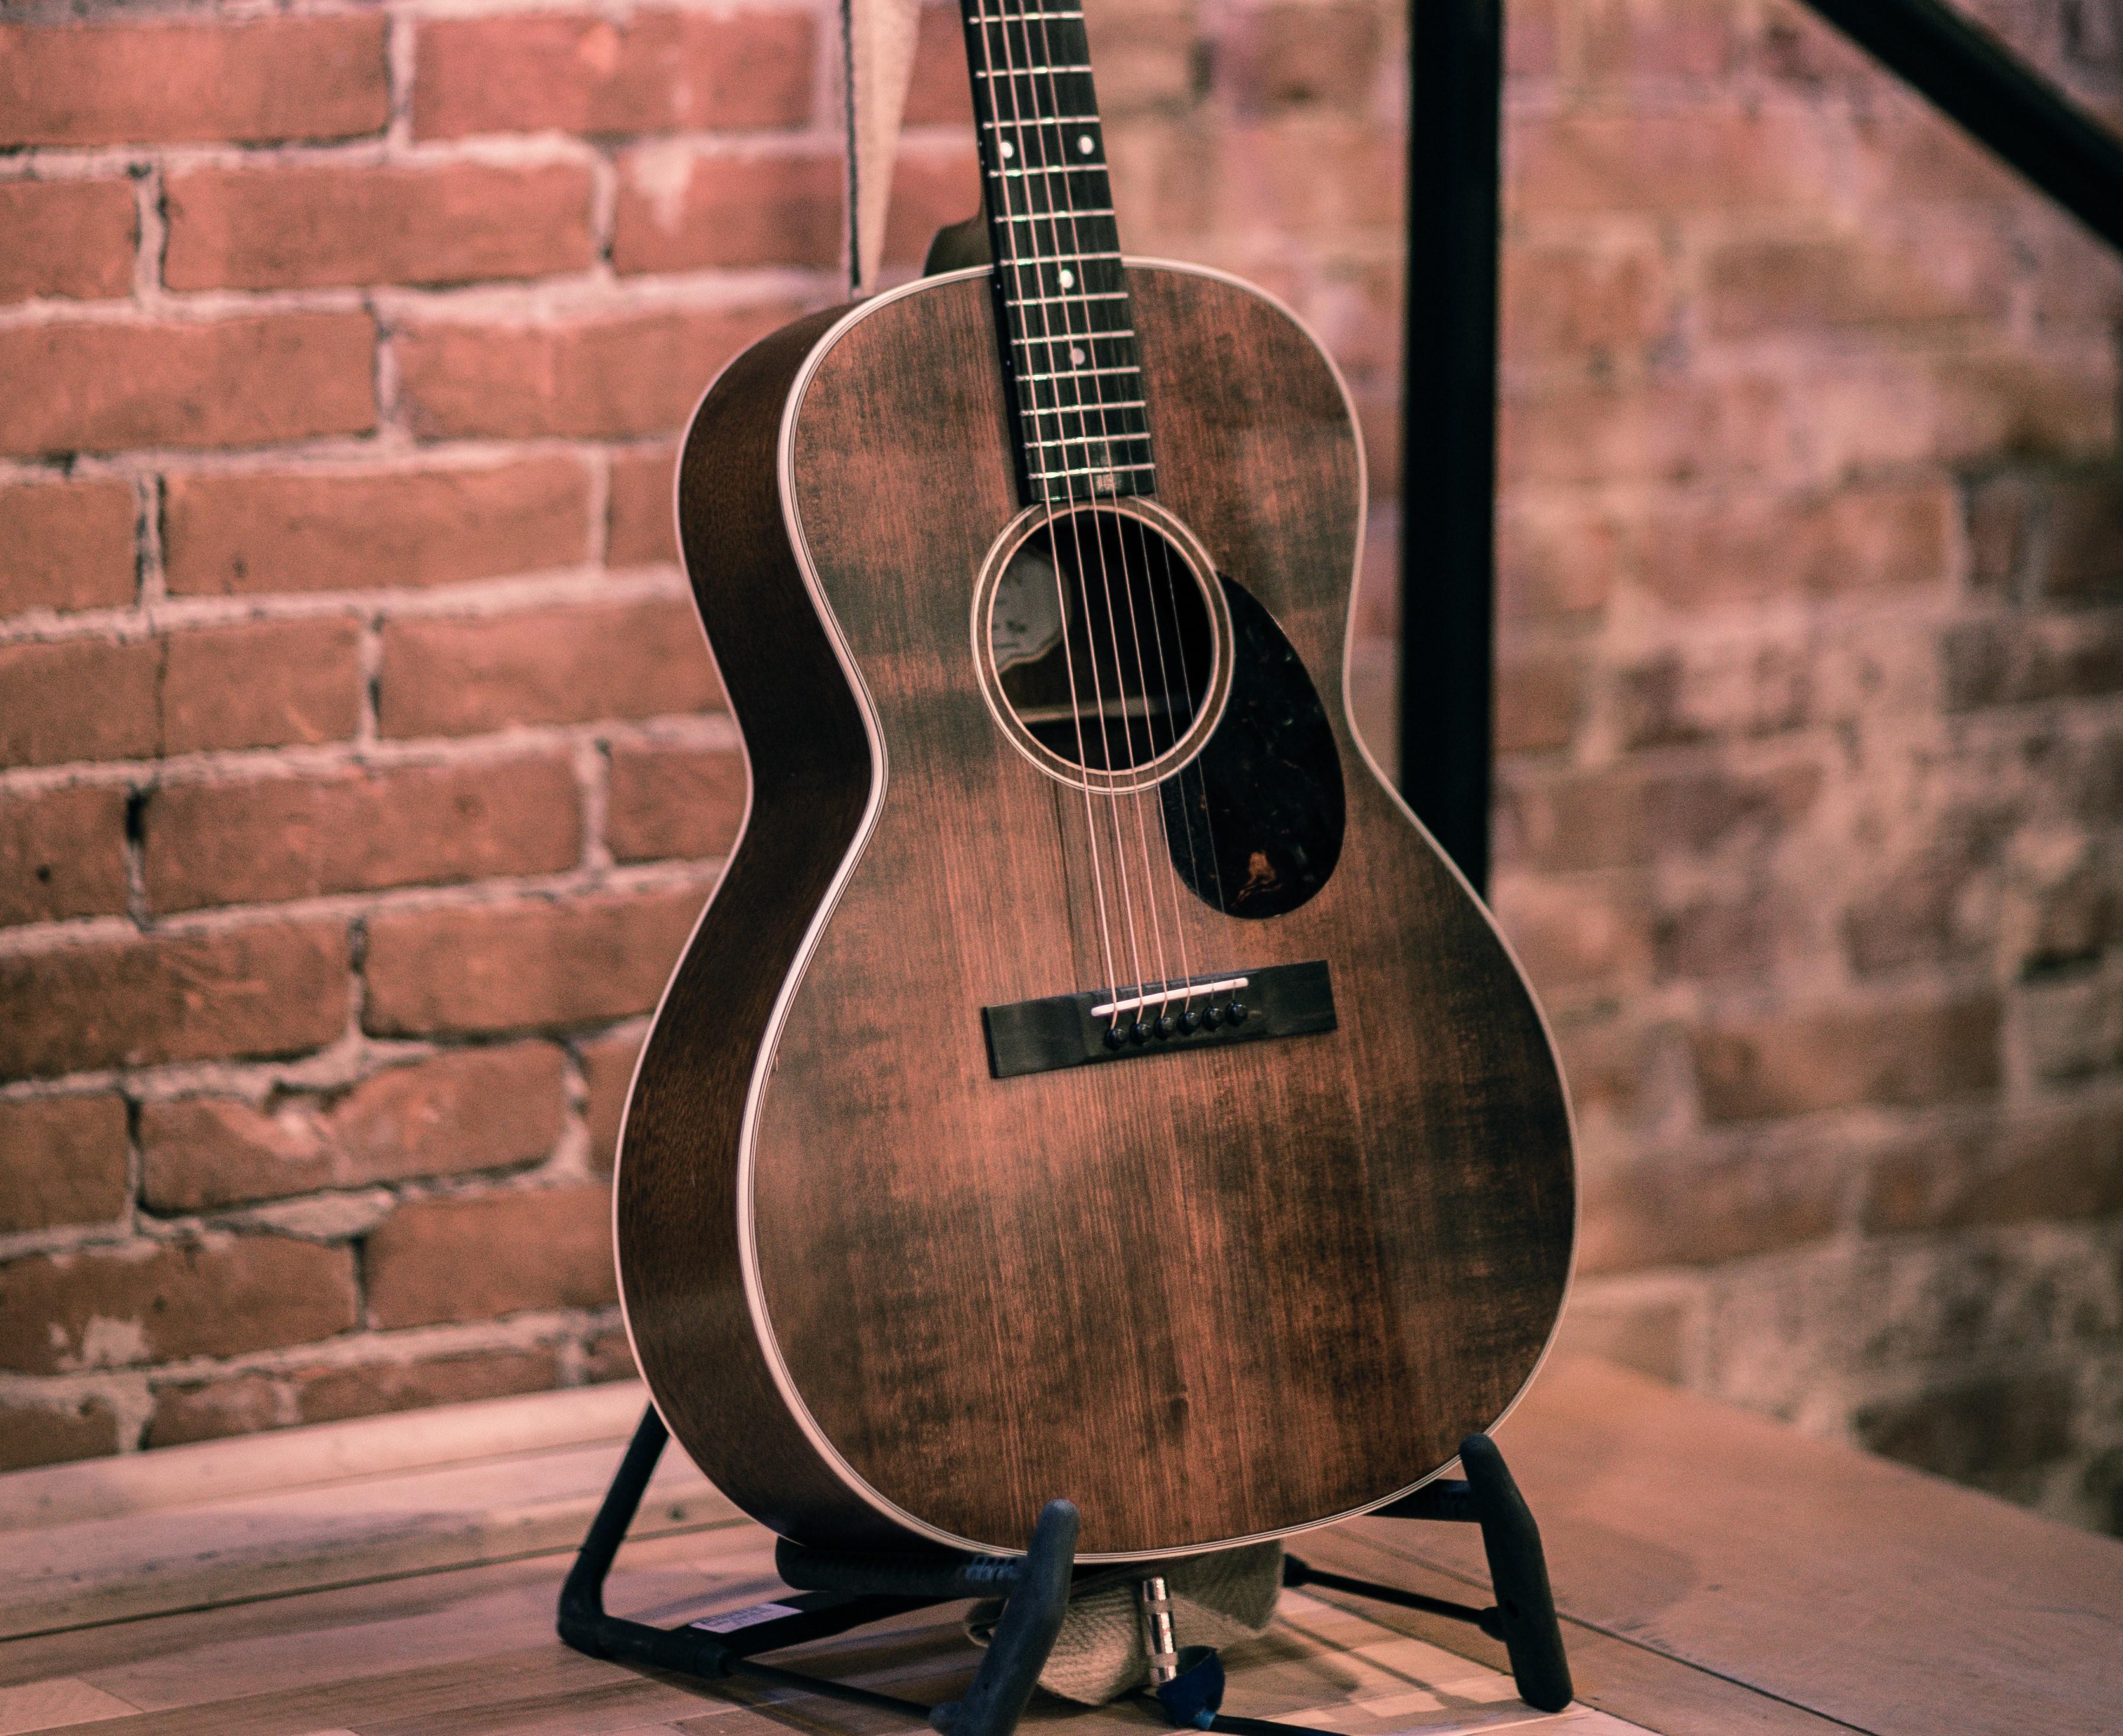 Caffè Lena School of Music: Guitar 2 for Kids